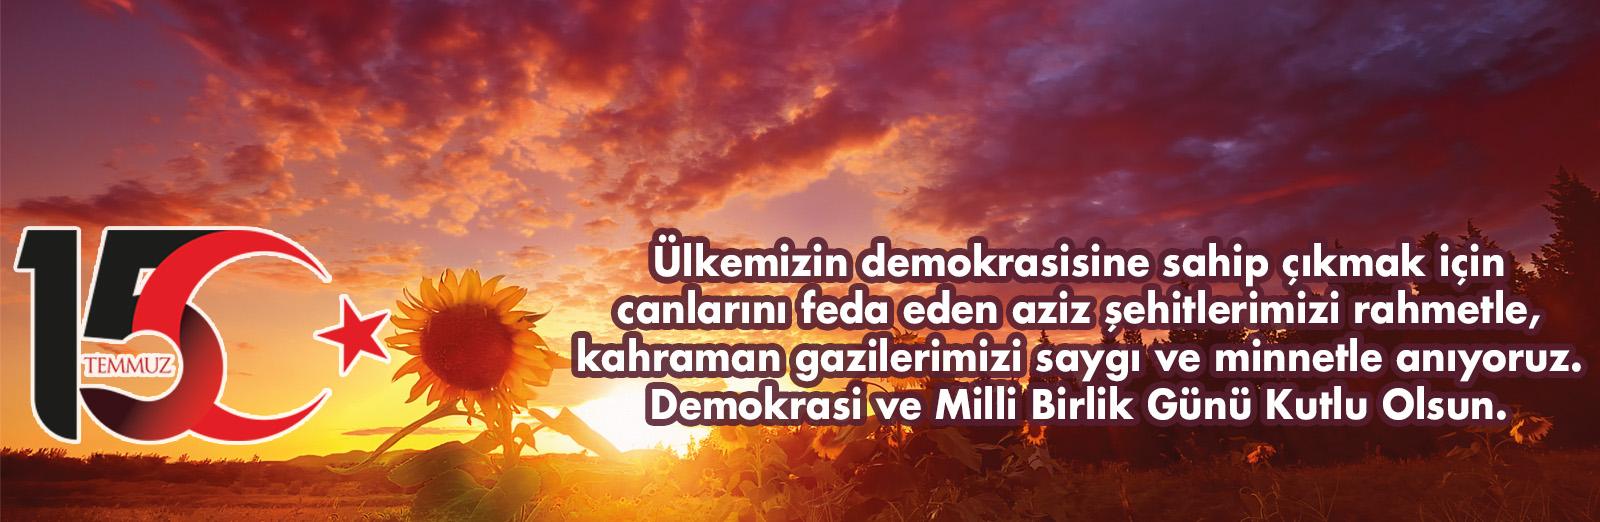 Yönetim Kurulumuzun 15 Temmuz Demokrasi ve Milli Birlik Günü Mesajı